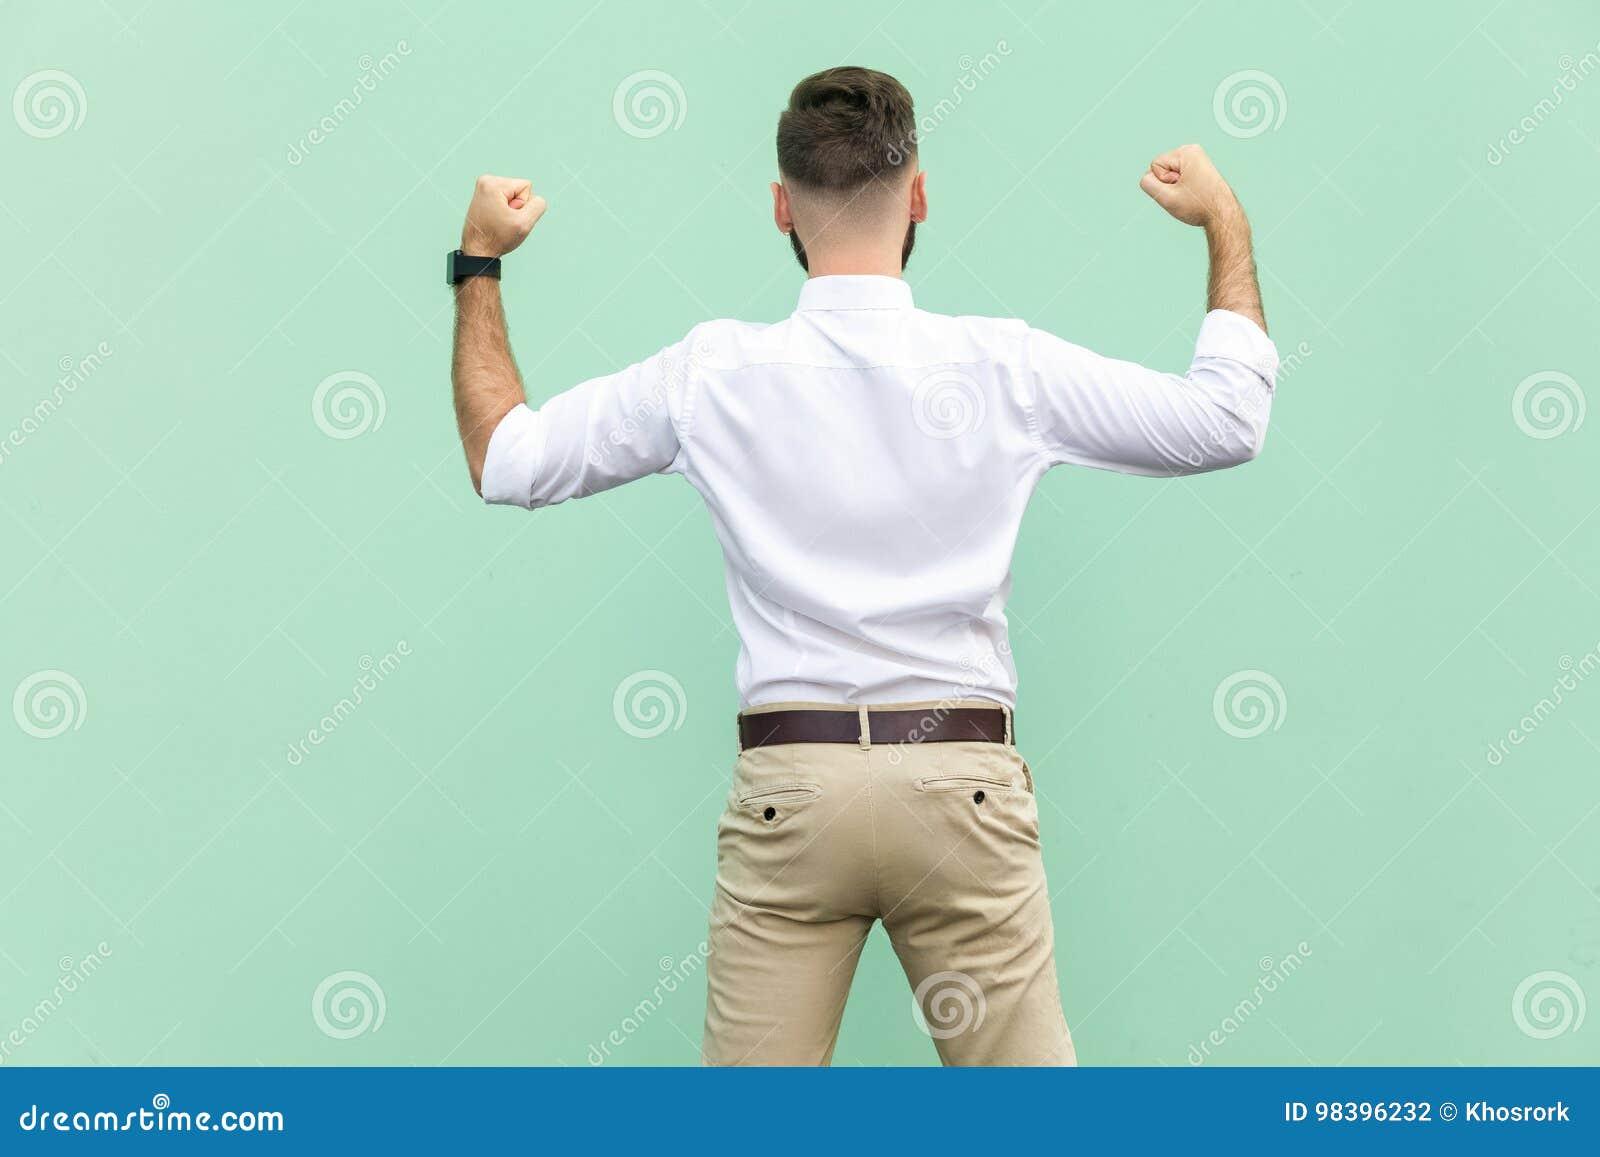 De opgewekte zakenman viert een carrièrevoltooiing Achtermening van een jonge volwassen zakenman, op lichtgroene achtergrond